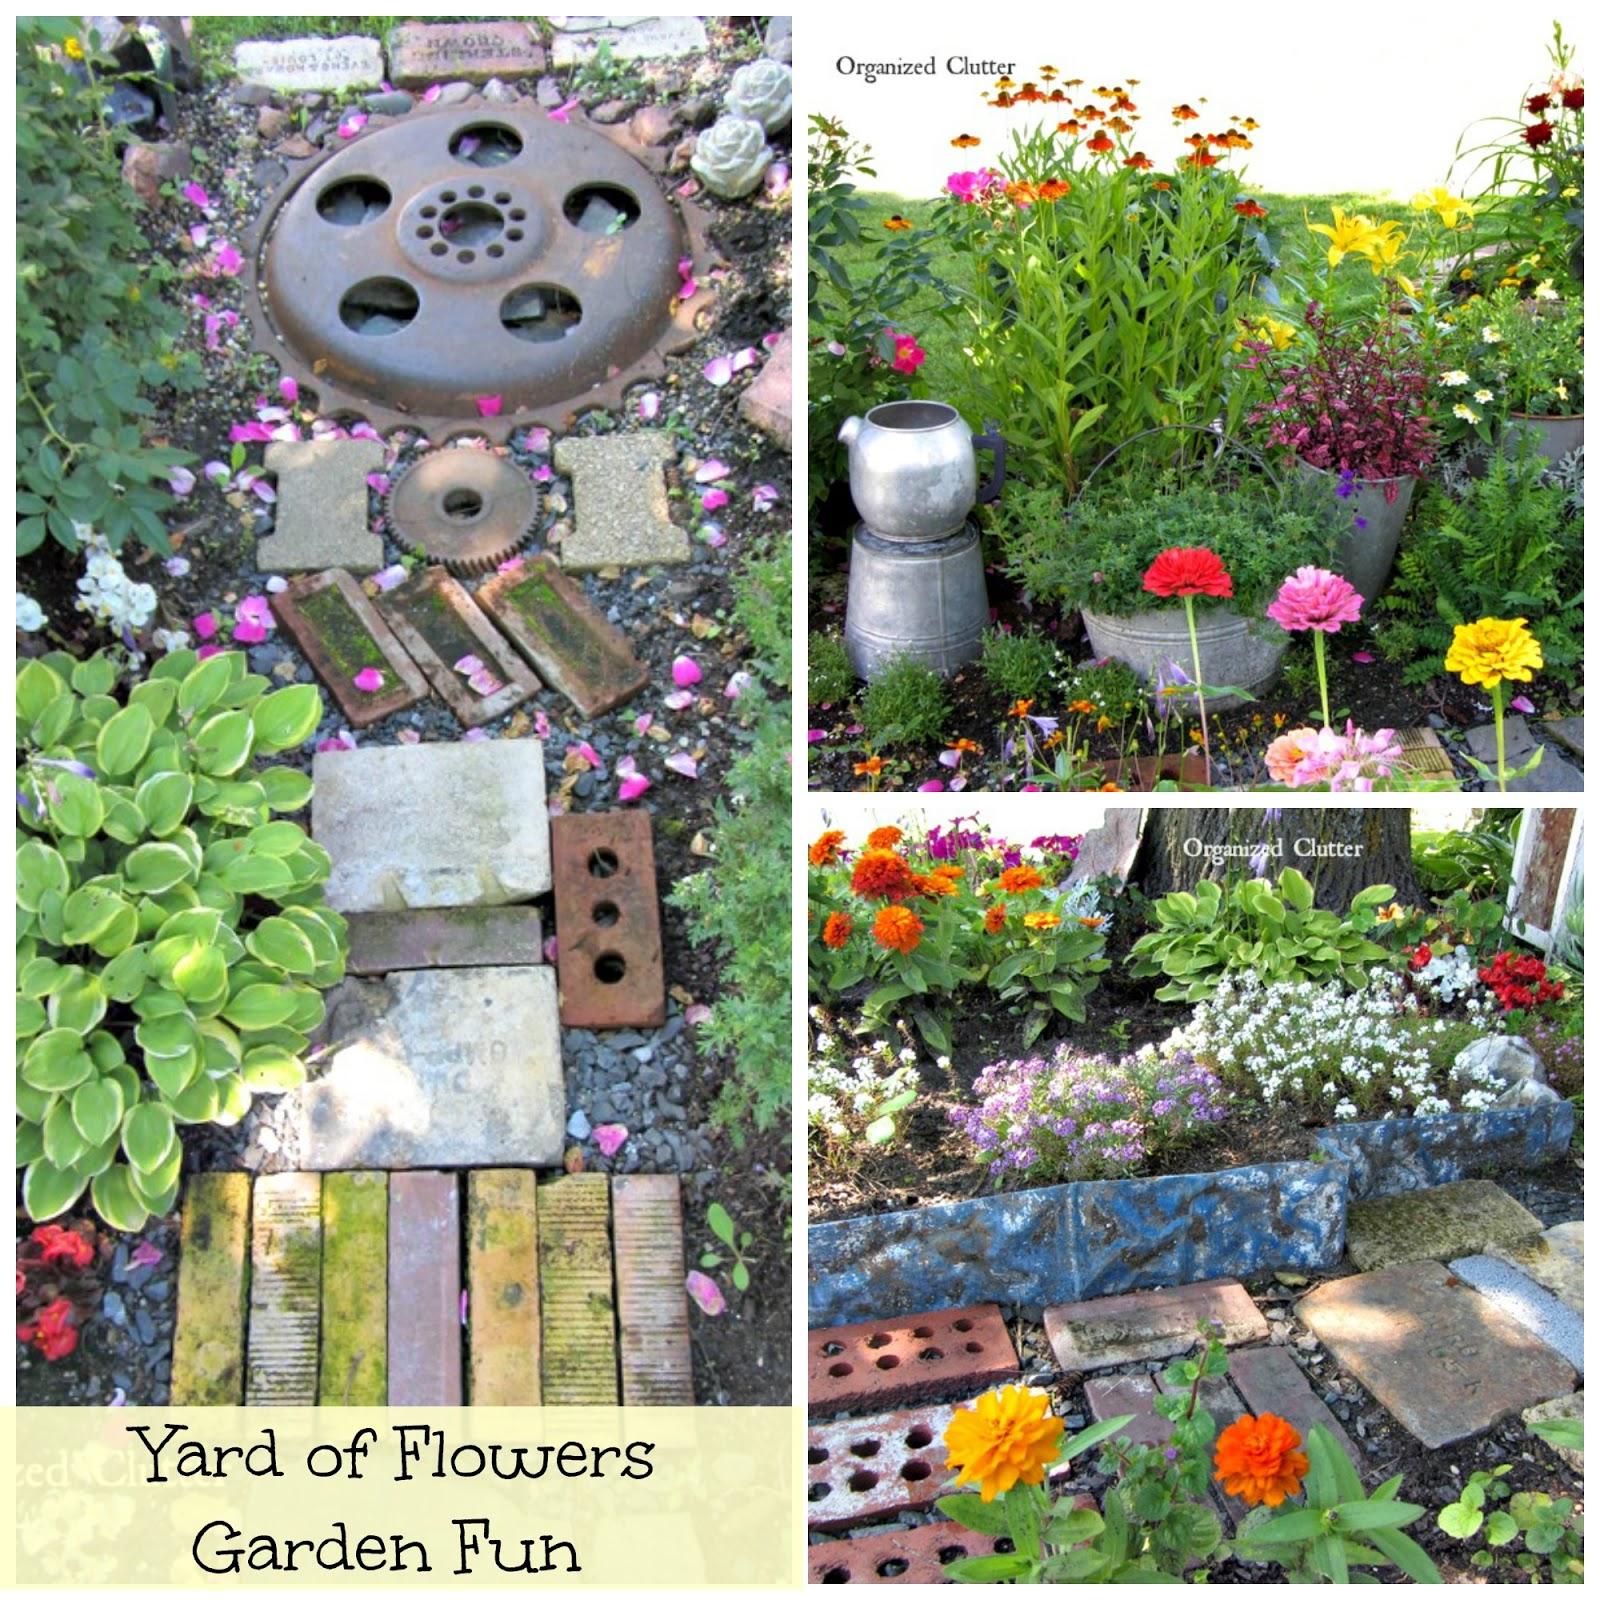 Annuals, Perennials & Junk www.organizedclutterqueen.blogspot.com